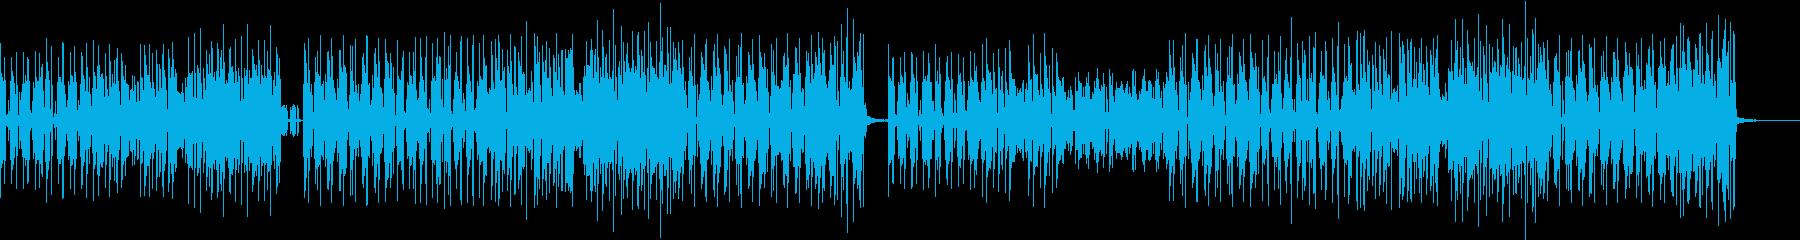 明るい、かわいい、焦るタイムリミット曲の再生済みの波形